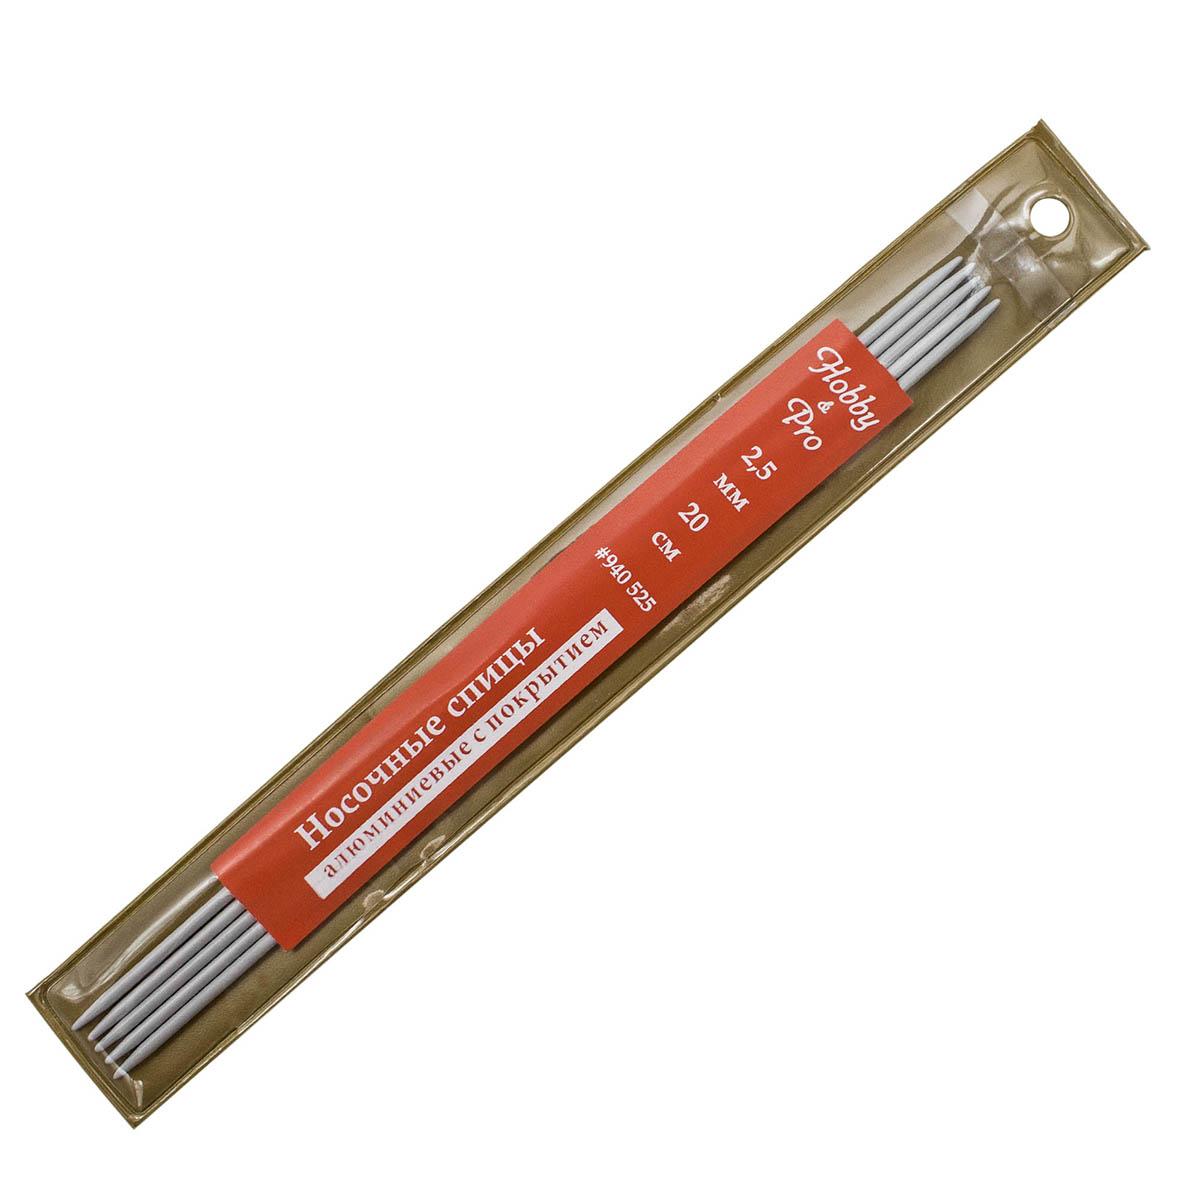 Спицы носочные алюминиевые с покрытием 940525, 20 см, 2,5 мм, Hobby&Pro